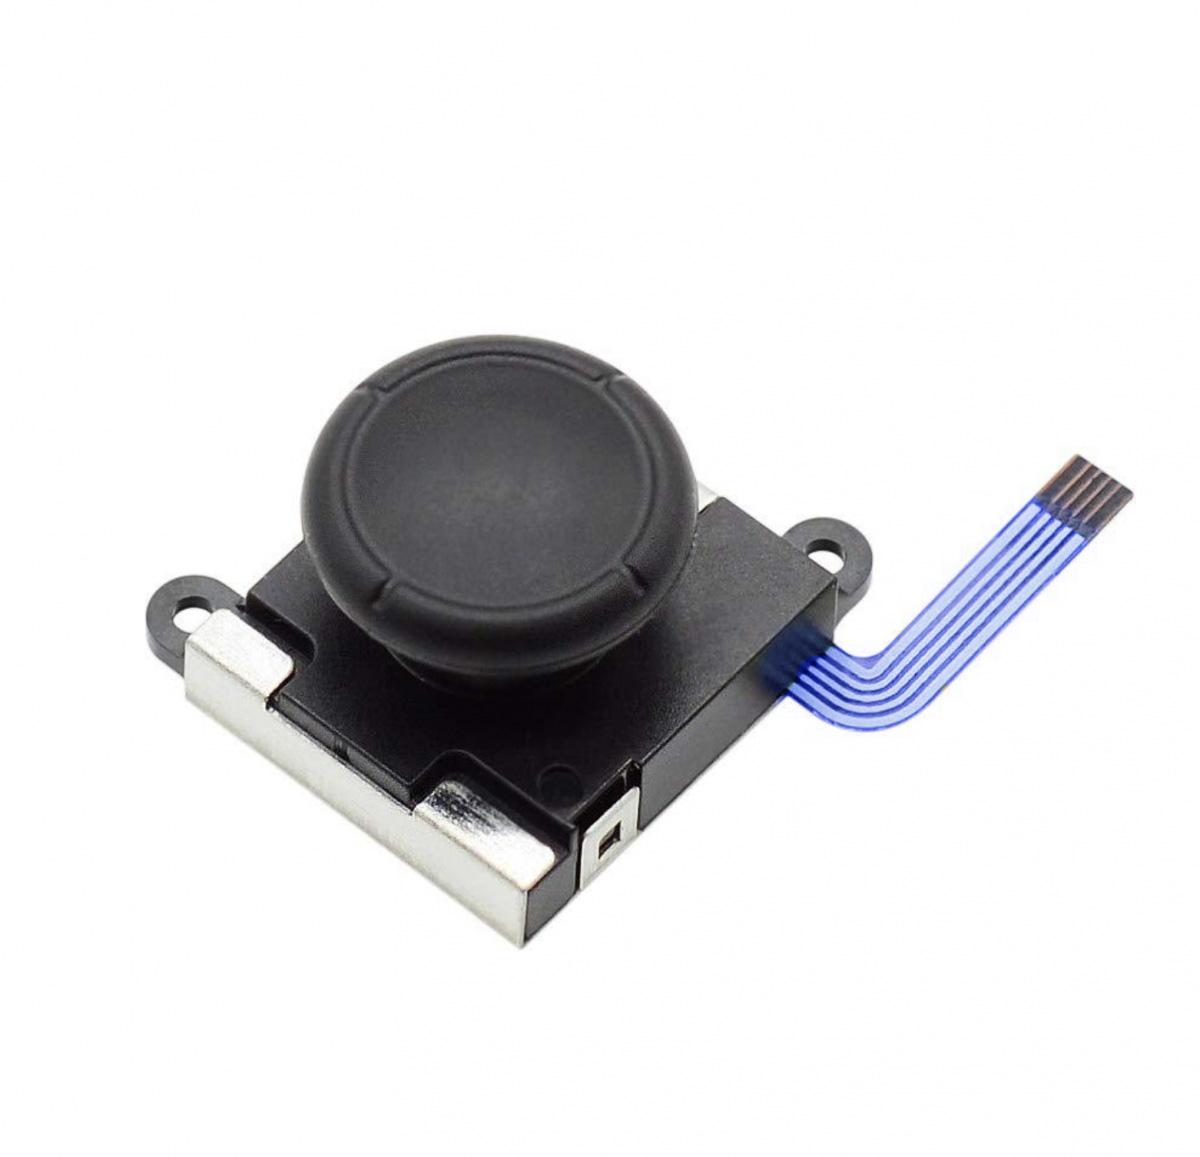 Купить стик для джойкона нинтендо свитч в Украине. Замена левого или правого стика который дрифт или работает не корректно. Отвертки для nintendo switch.